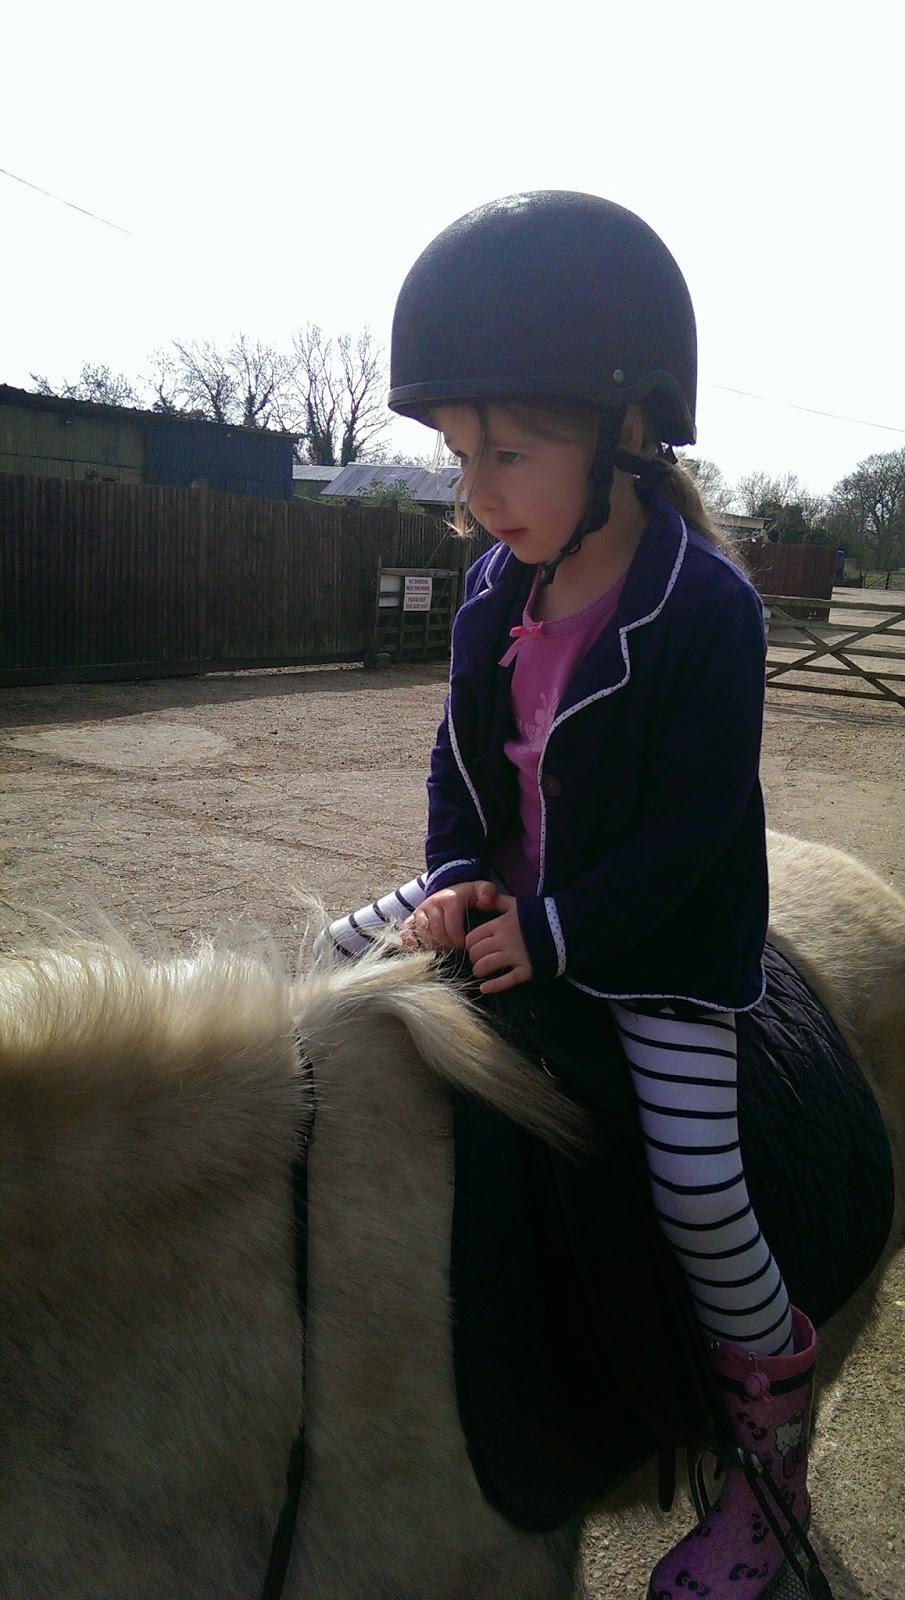 equestrian pursuits